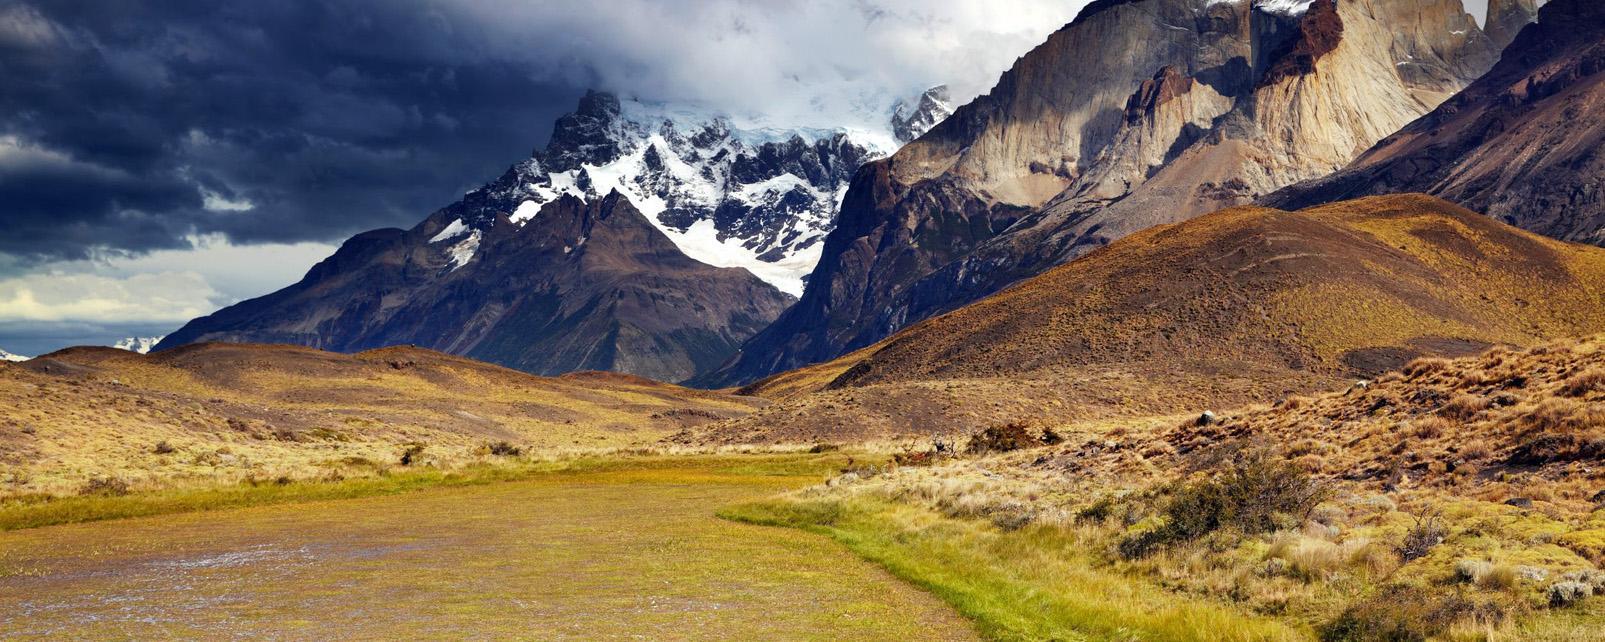 Amérique, Amérique du Sud, Chili, Patagonie, Torres del Paine, montagne, prairie, lama, neige,